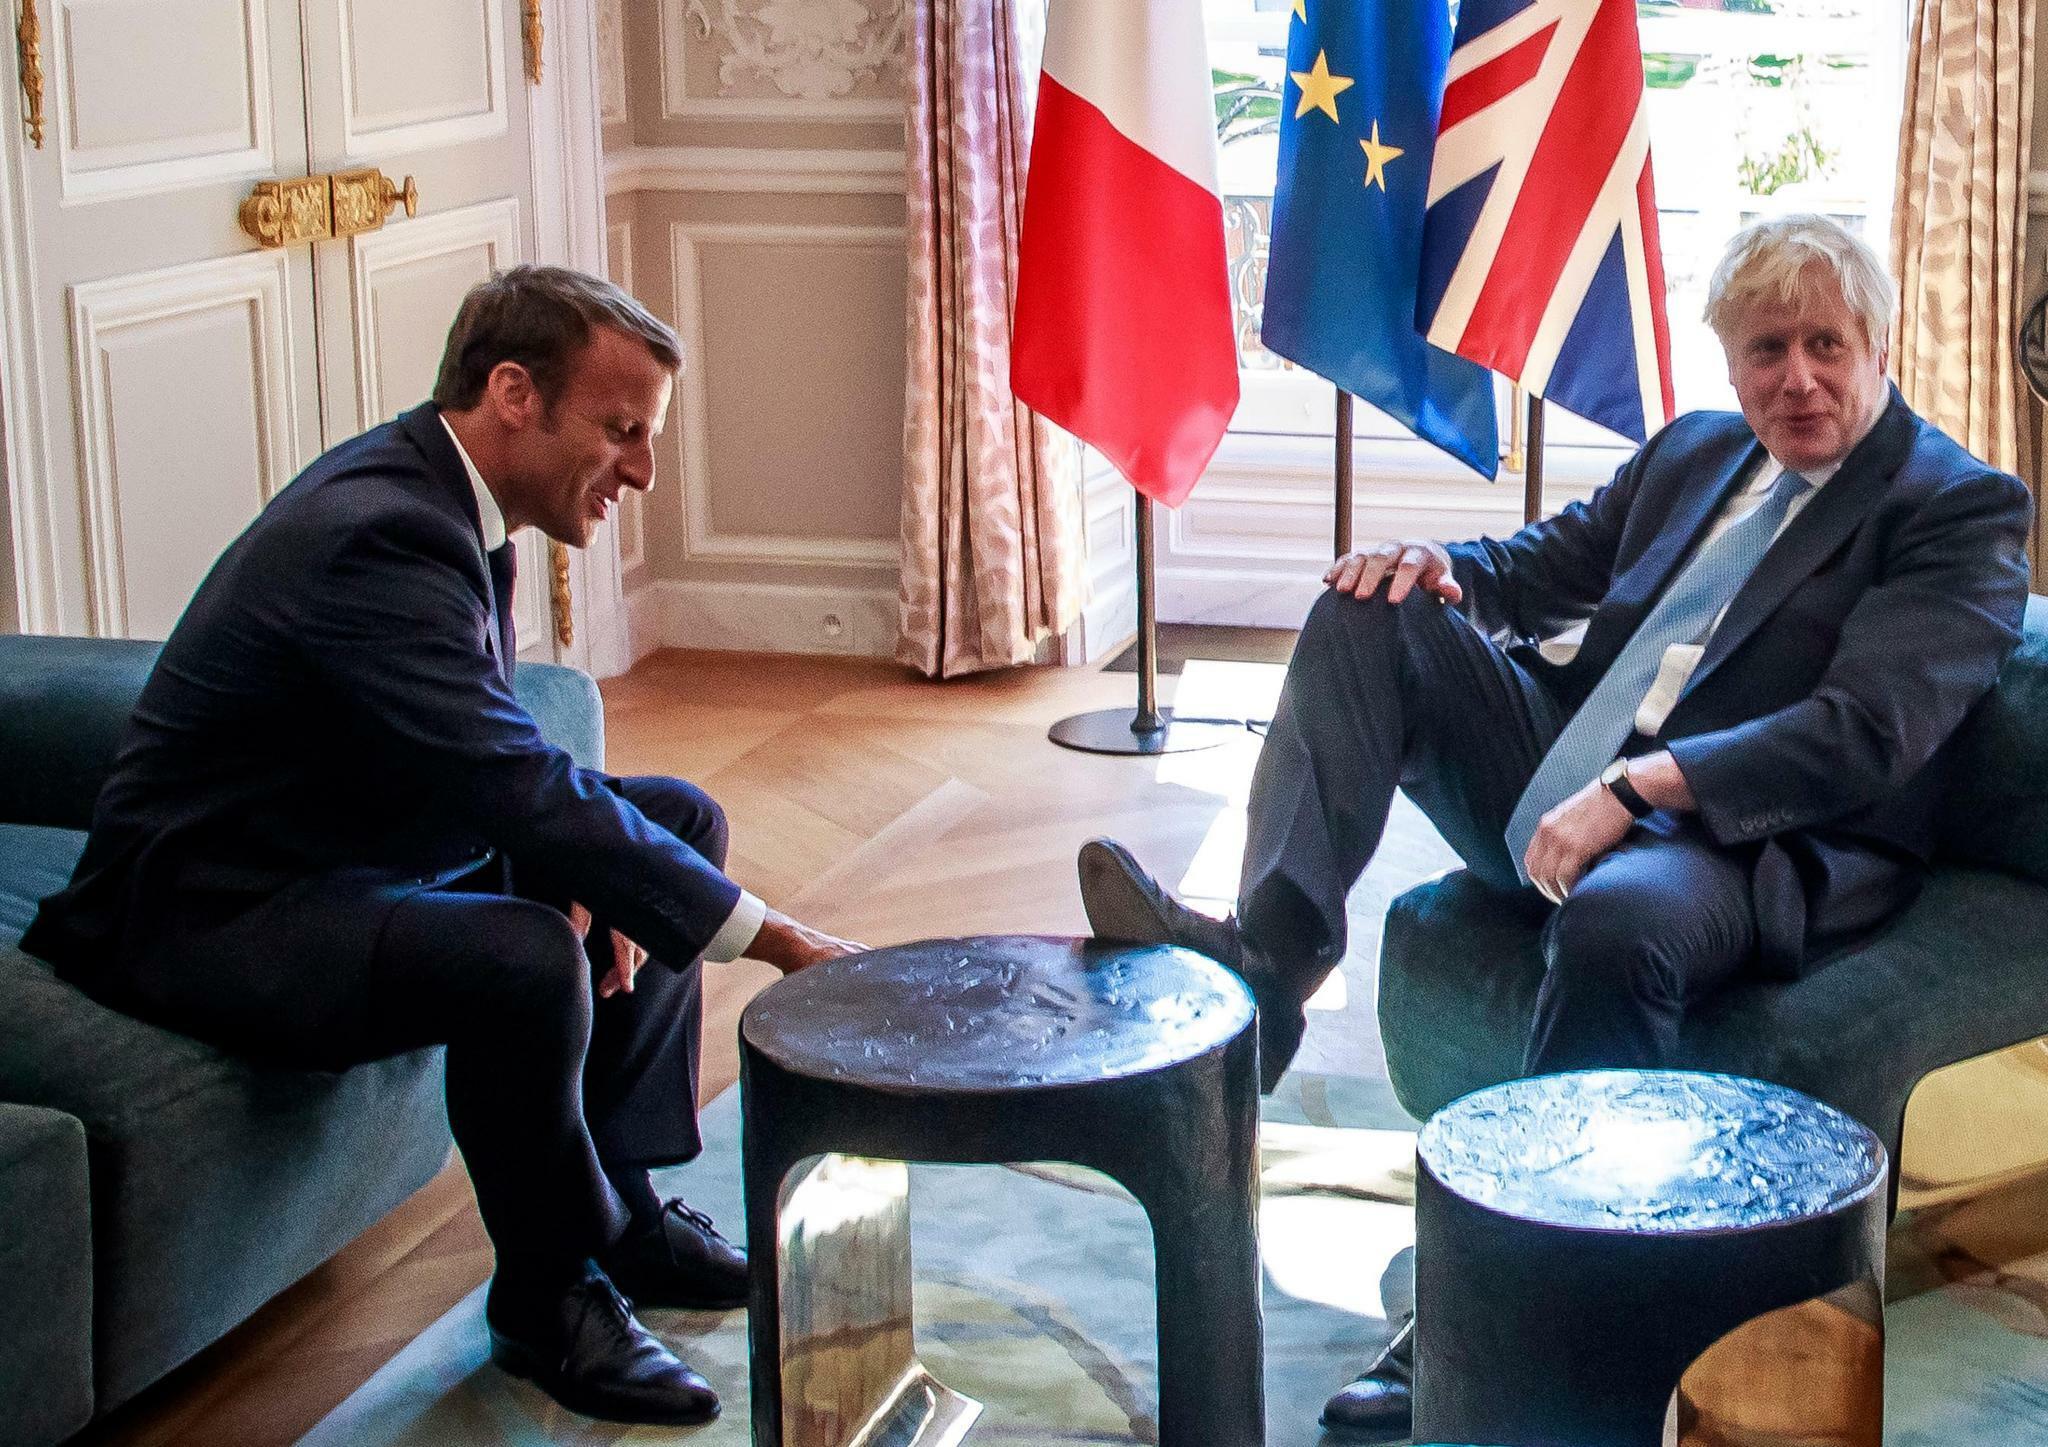 Fauxpas des britischen Premiers – Aufregung um Fuß auf dem Tisch